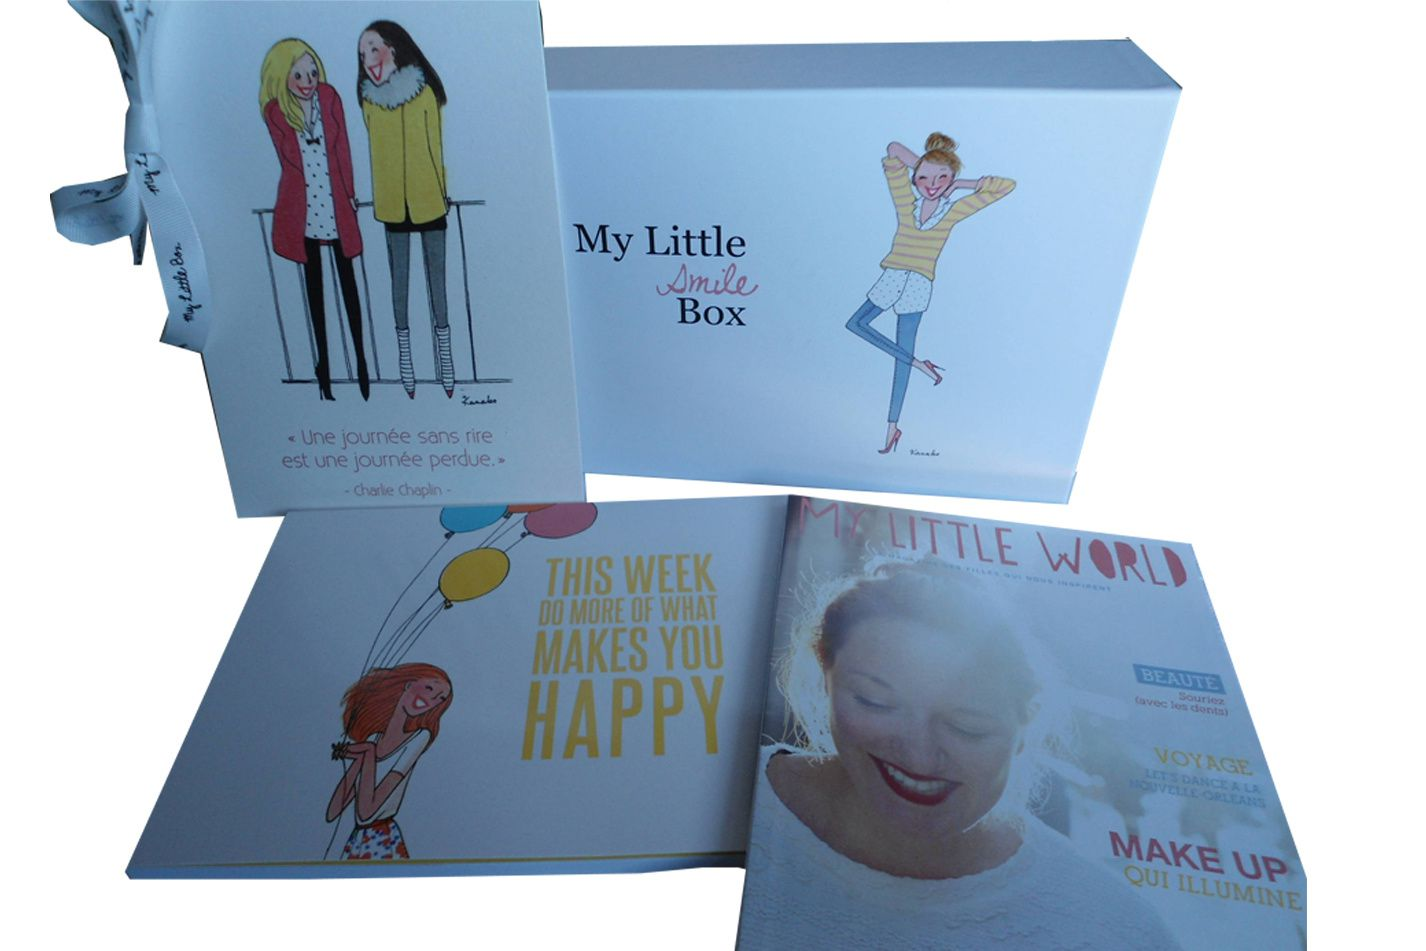 MY LITTLE BOX de janvier 2014 &quot&#x3B;My Smile Box&quot&#x3B;